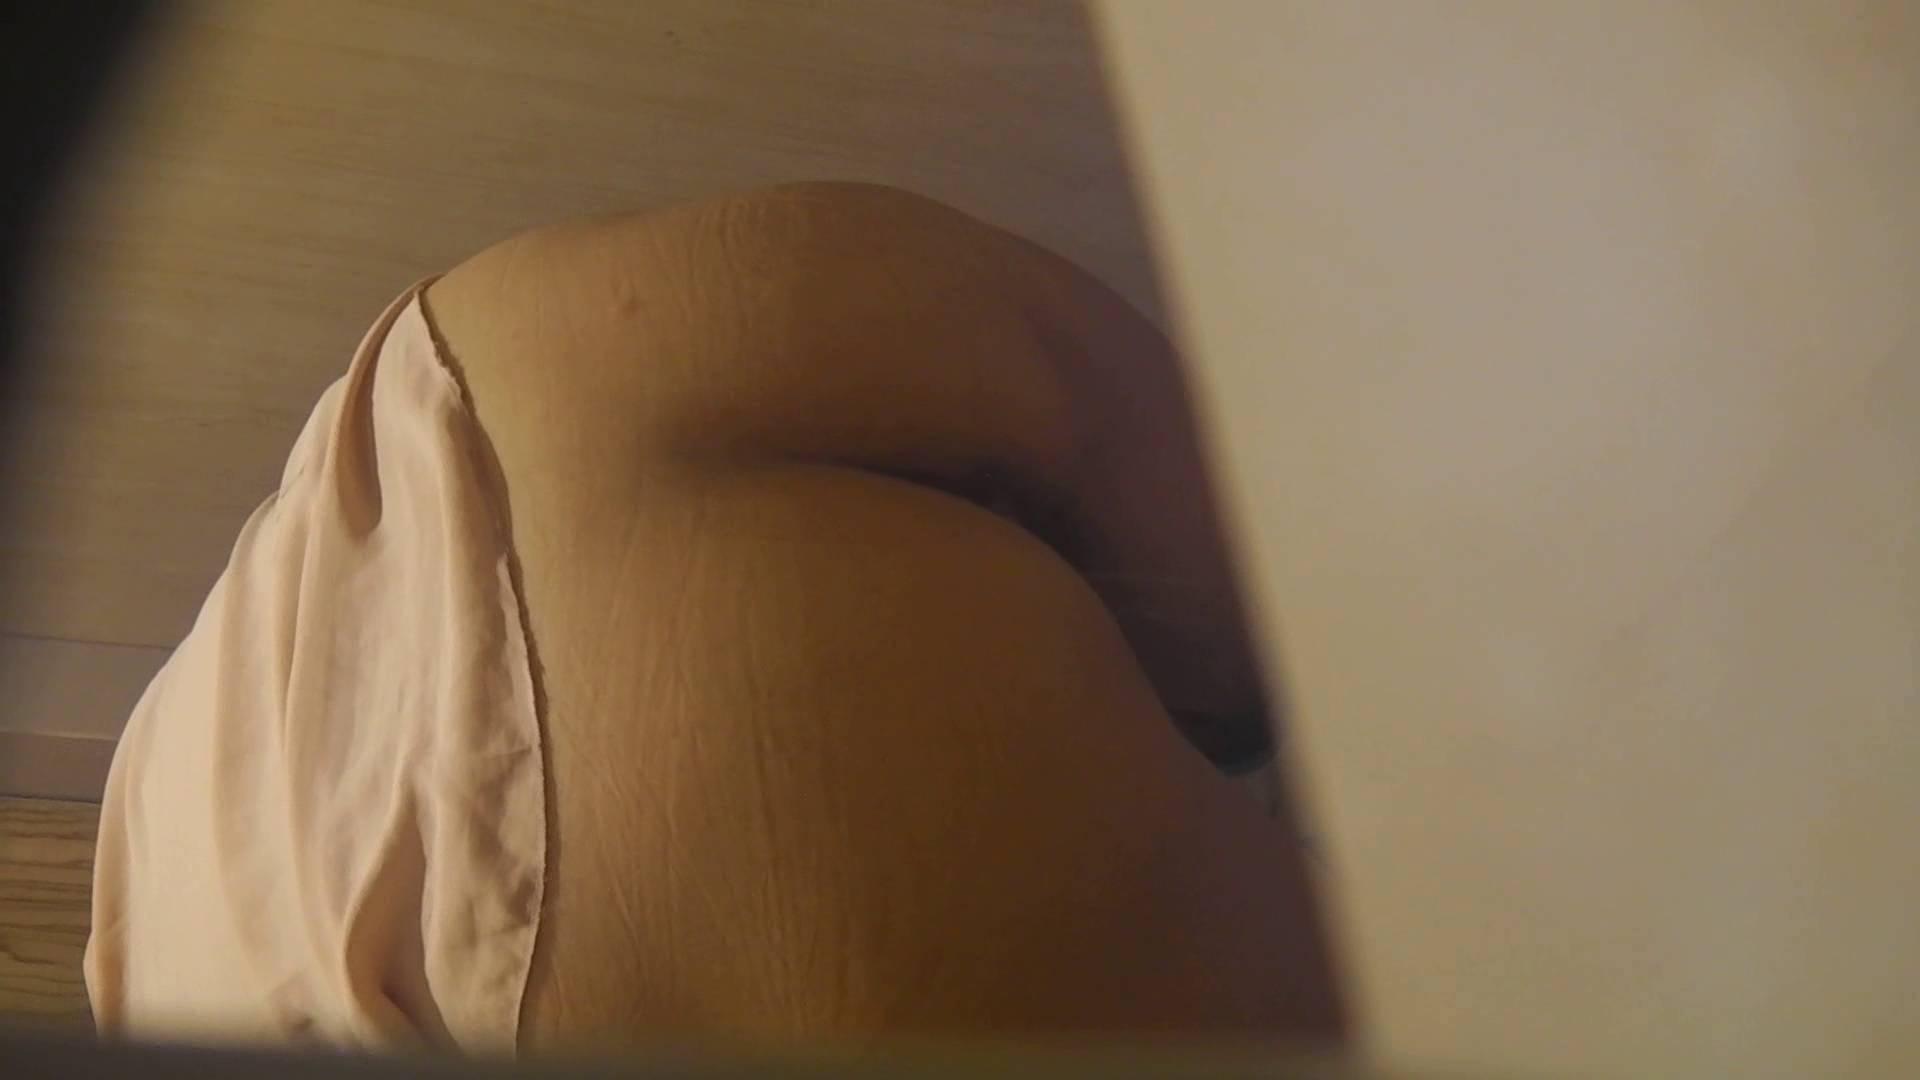 阿国ちゃんの「和式洋式七変化」No.18 iBO(フタコブ) 洗面所のぞき オメコ動画キャプチャ 105枚 34